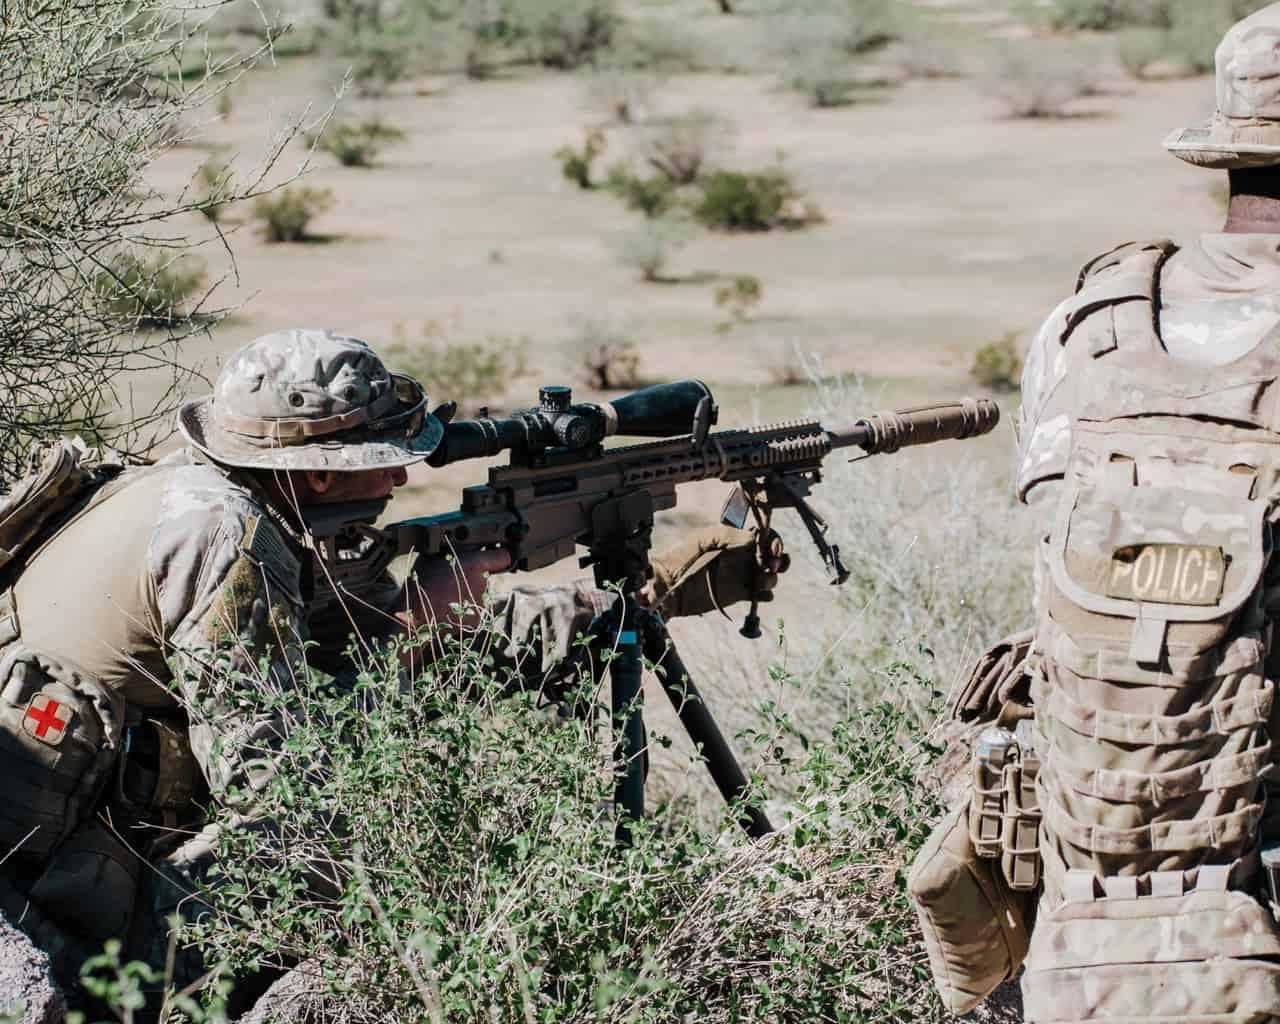 advanced-rural-sniper-course-13